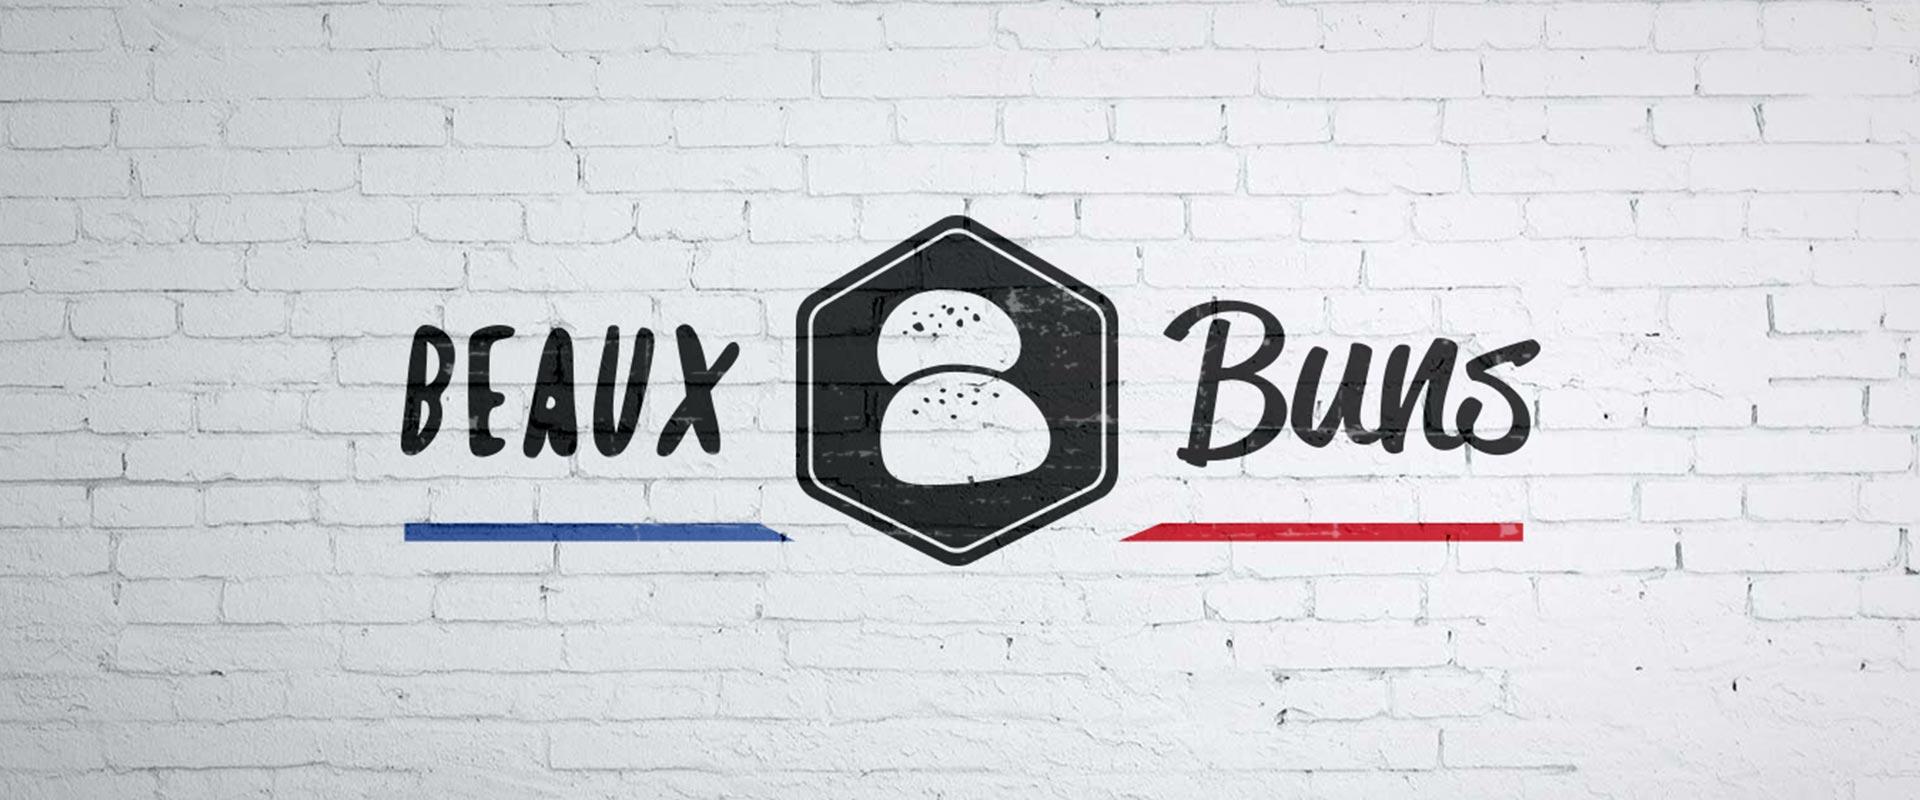 beaux-buns-lemans